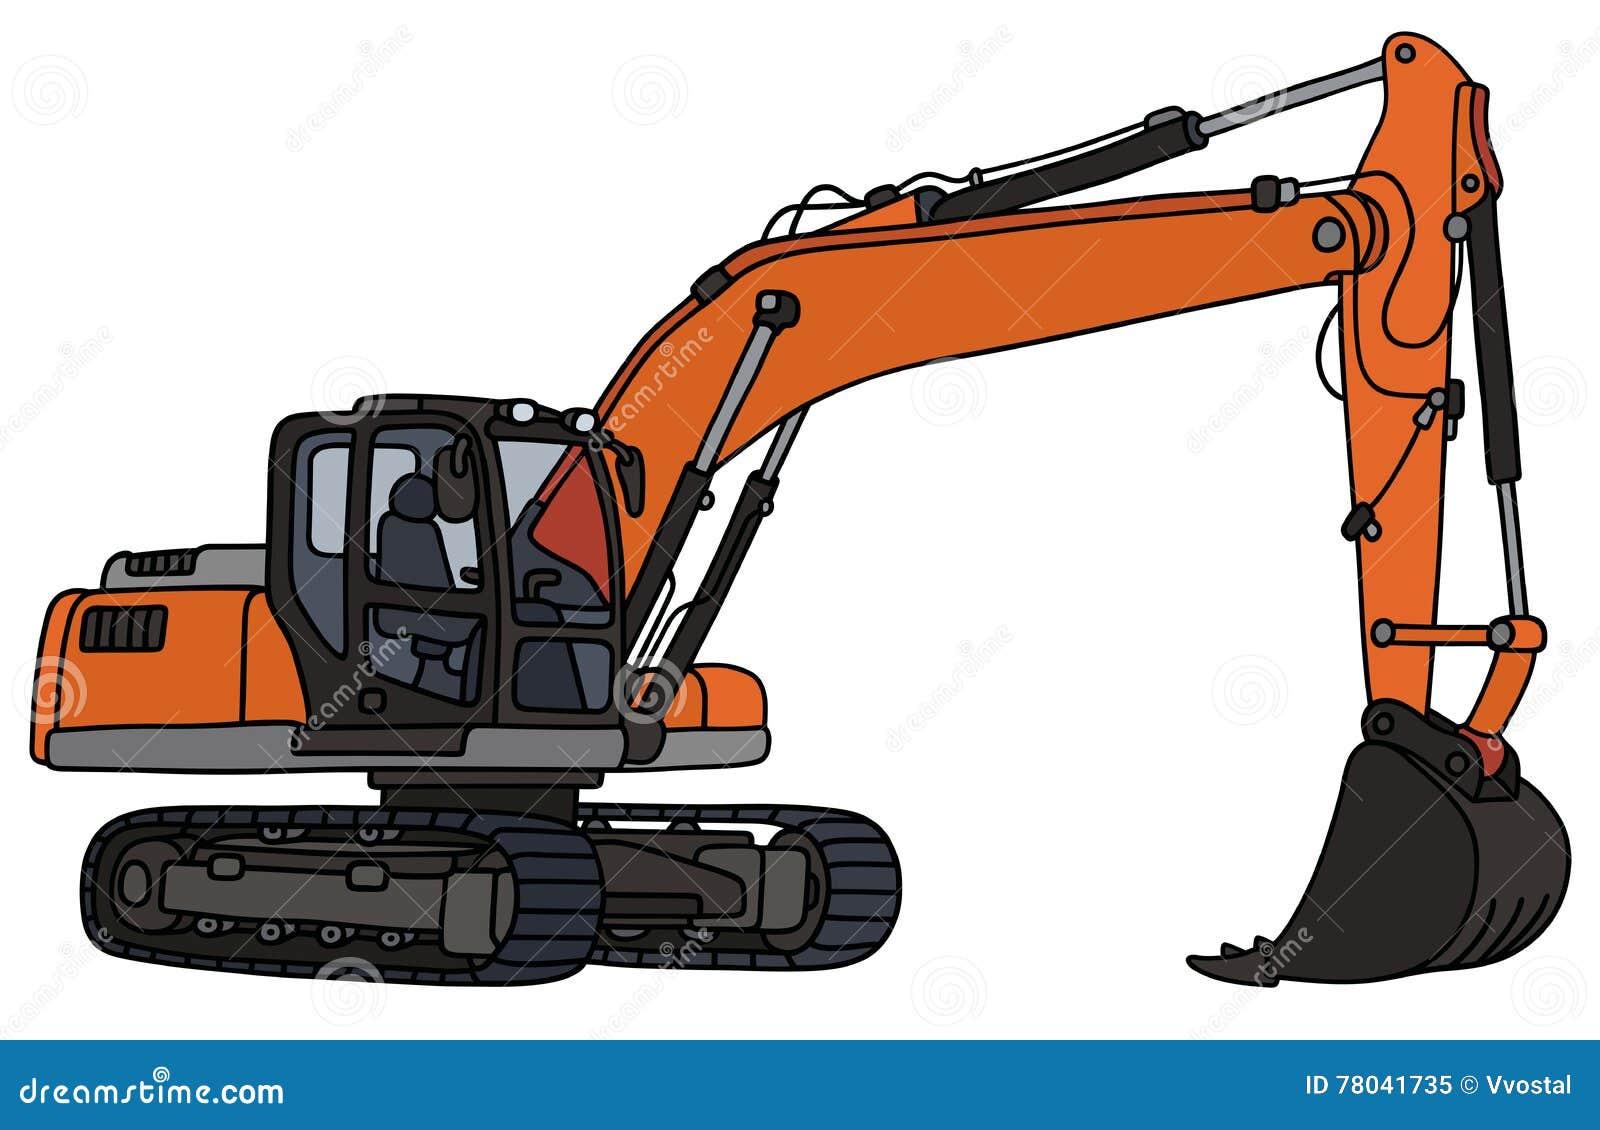 Gray and orange excavator